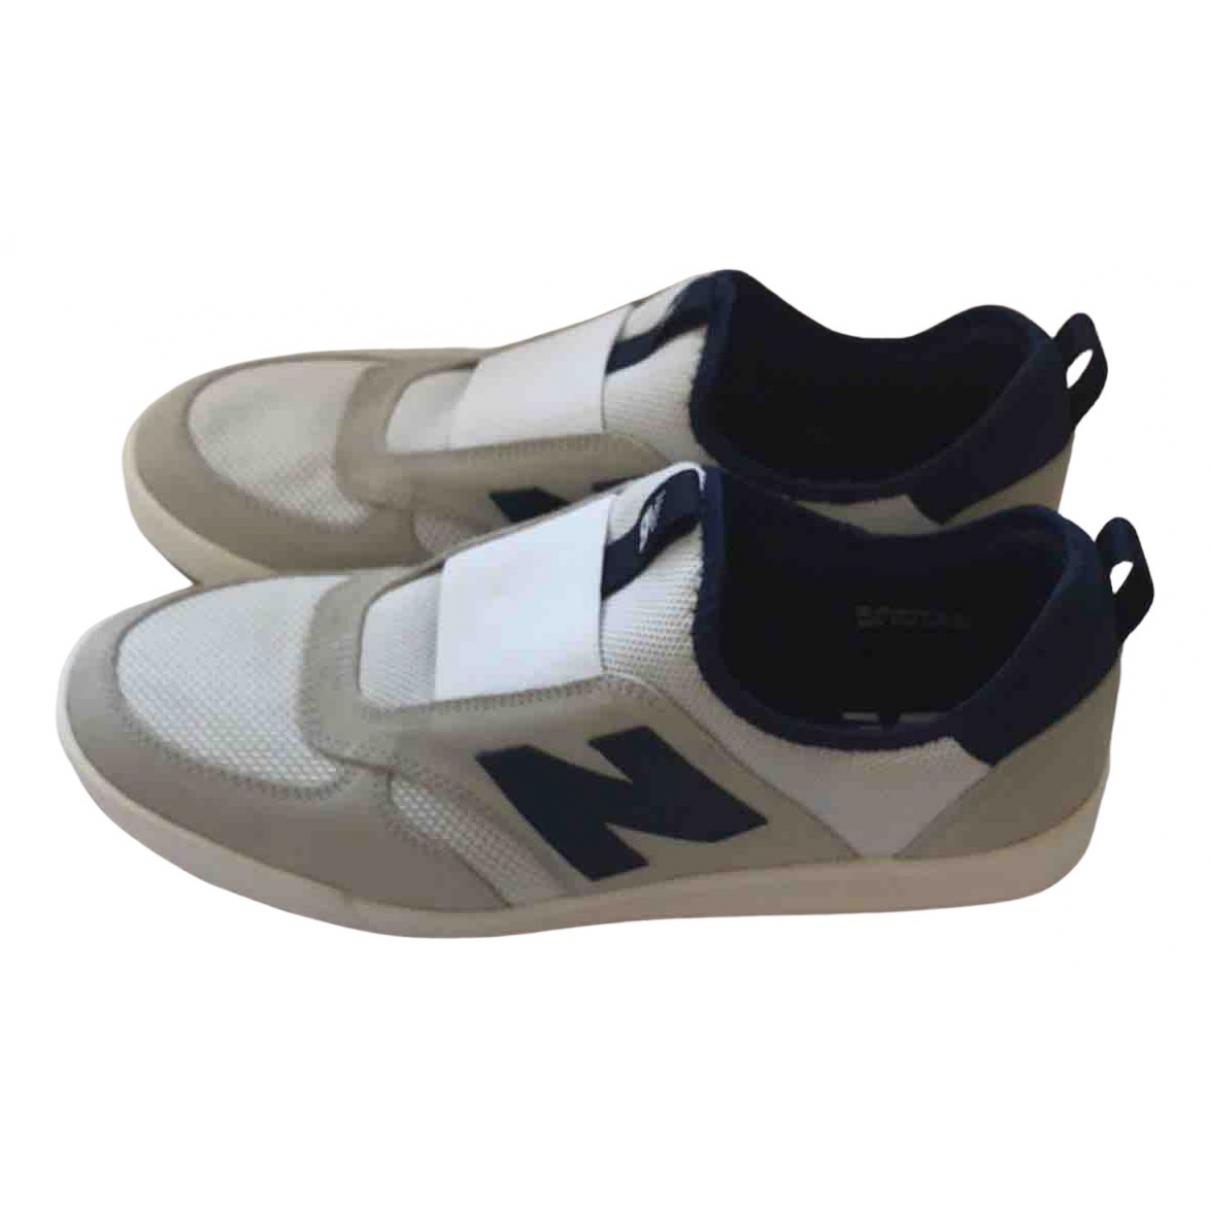 New Balance - Baskets   pour homme en suede - blanc